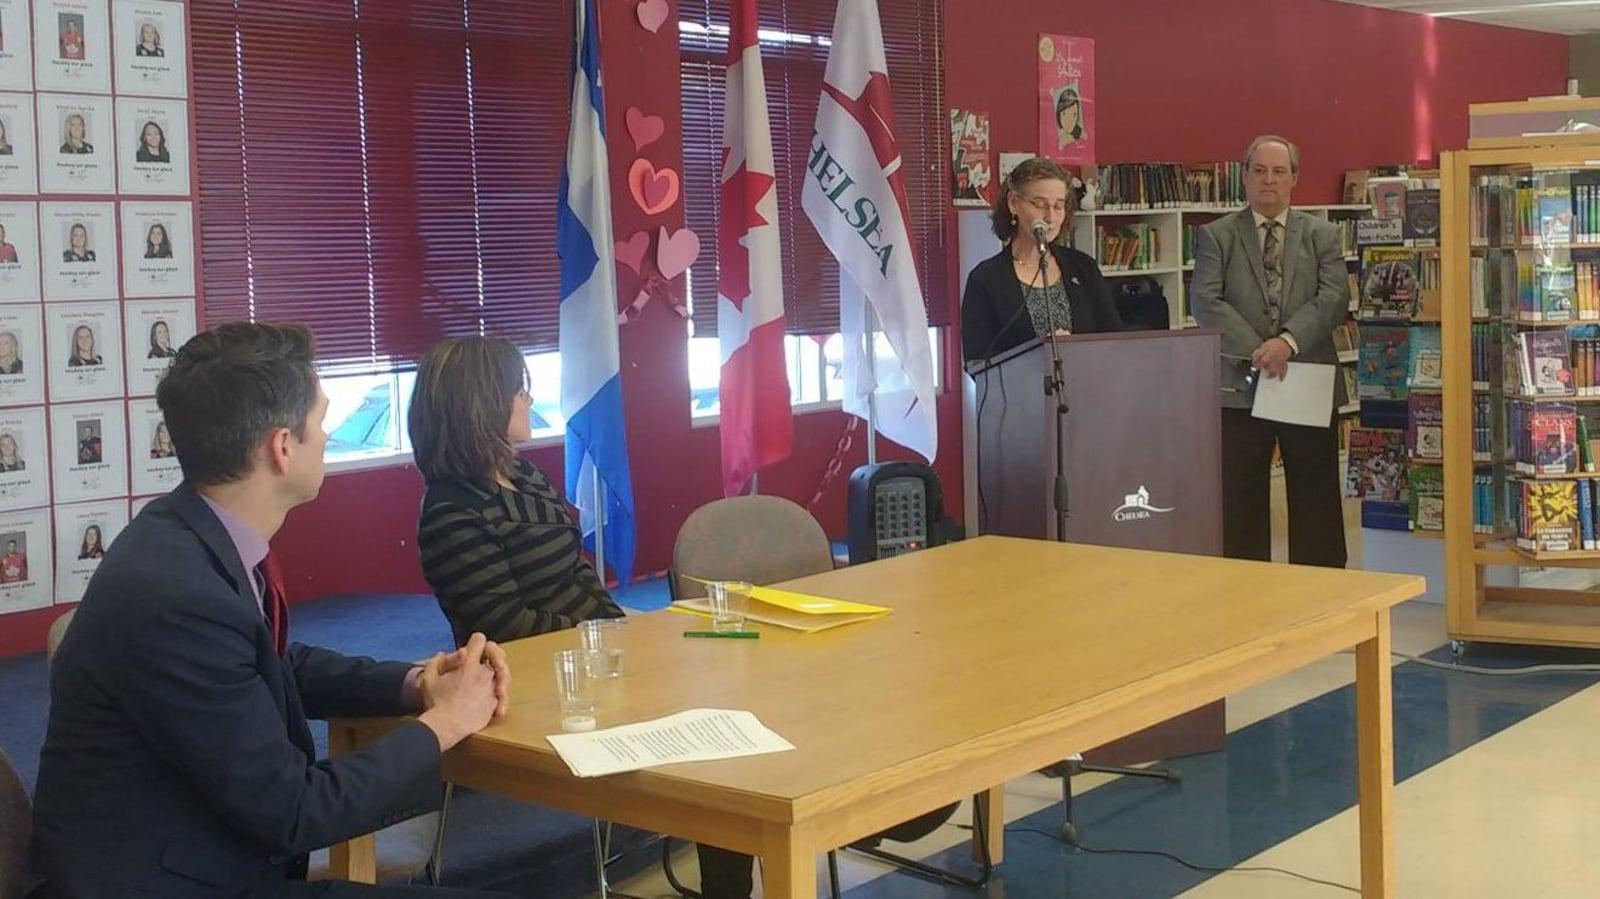 La mairesse est à un podium alors que la ministre responsable de la région à Québec Stéphanie Vallée et le député fédéral de Pontiac Will Amos sont assis à une table